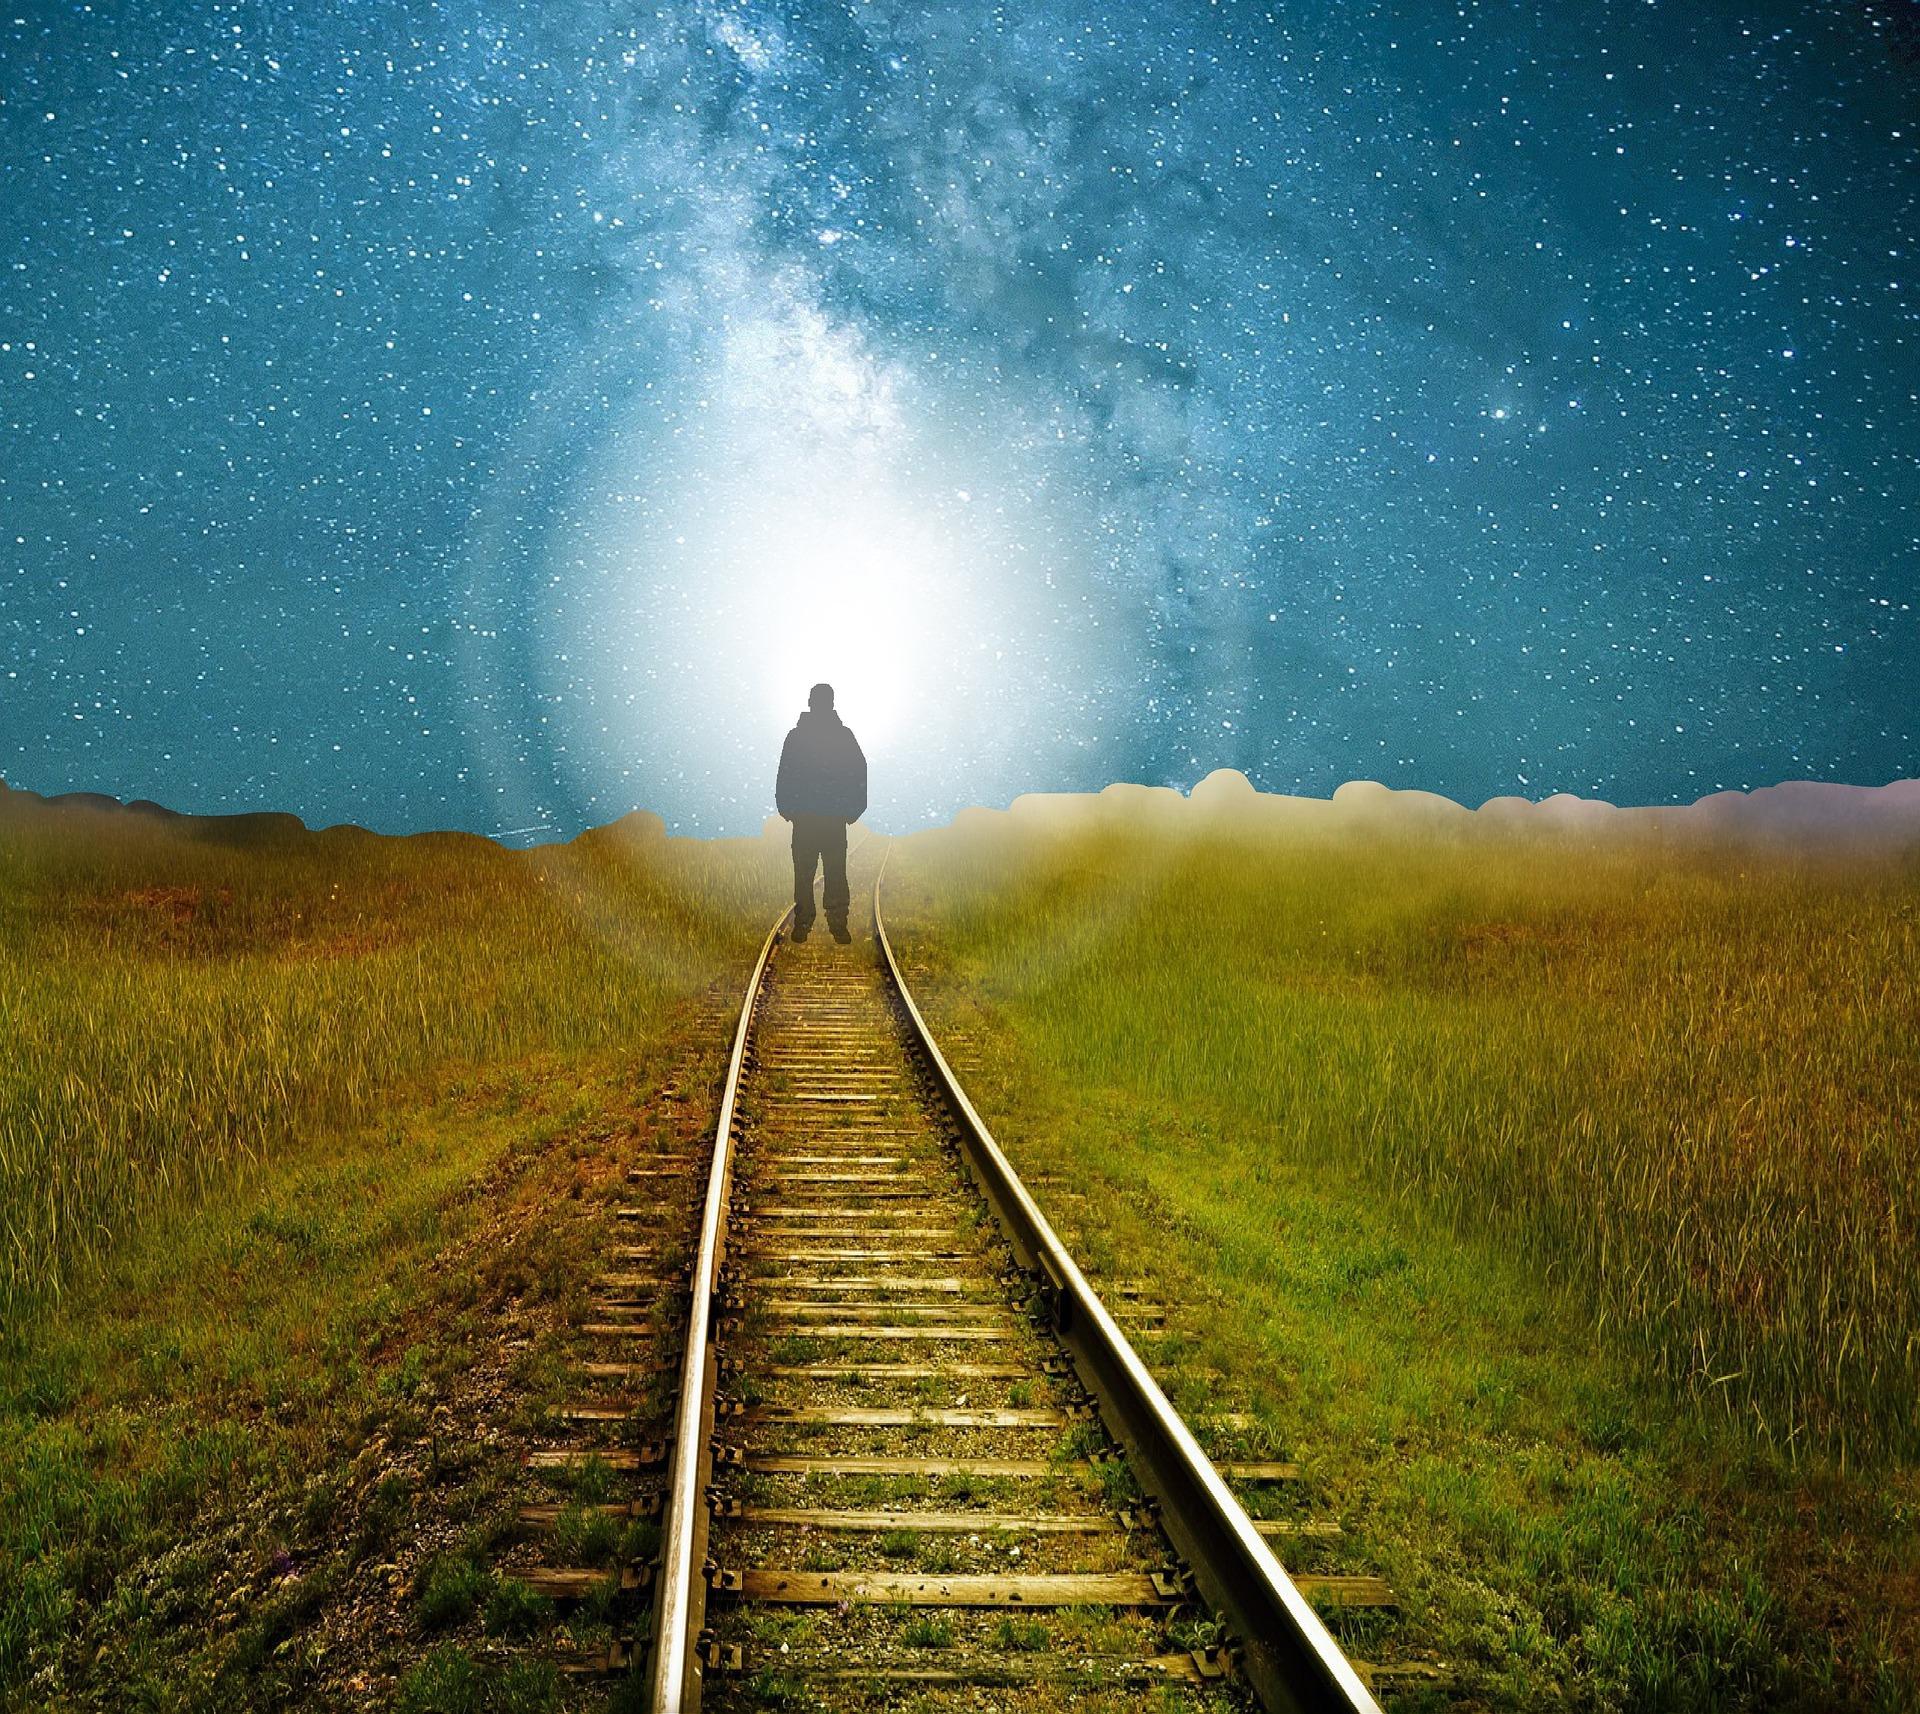 viata dupa moarte - sfatulparintilor.ro - pixabay_com - beyond-1157000_1920